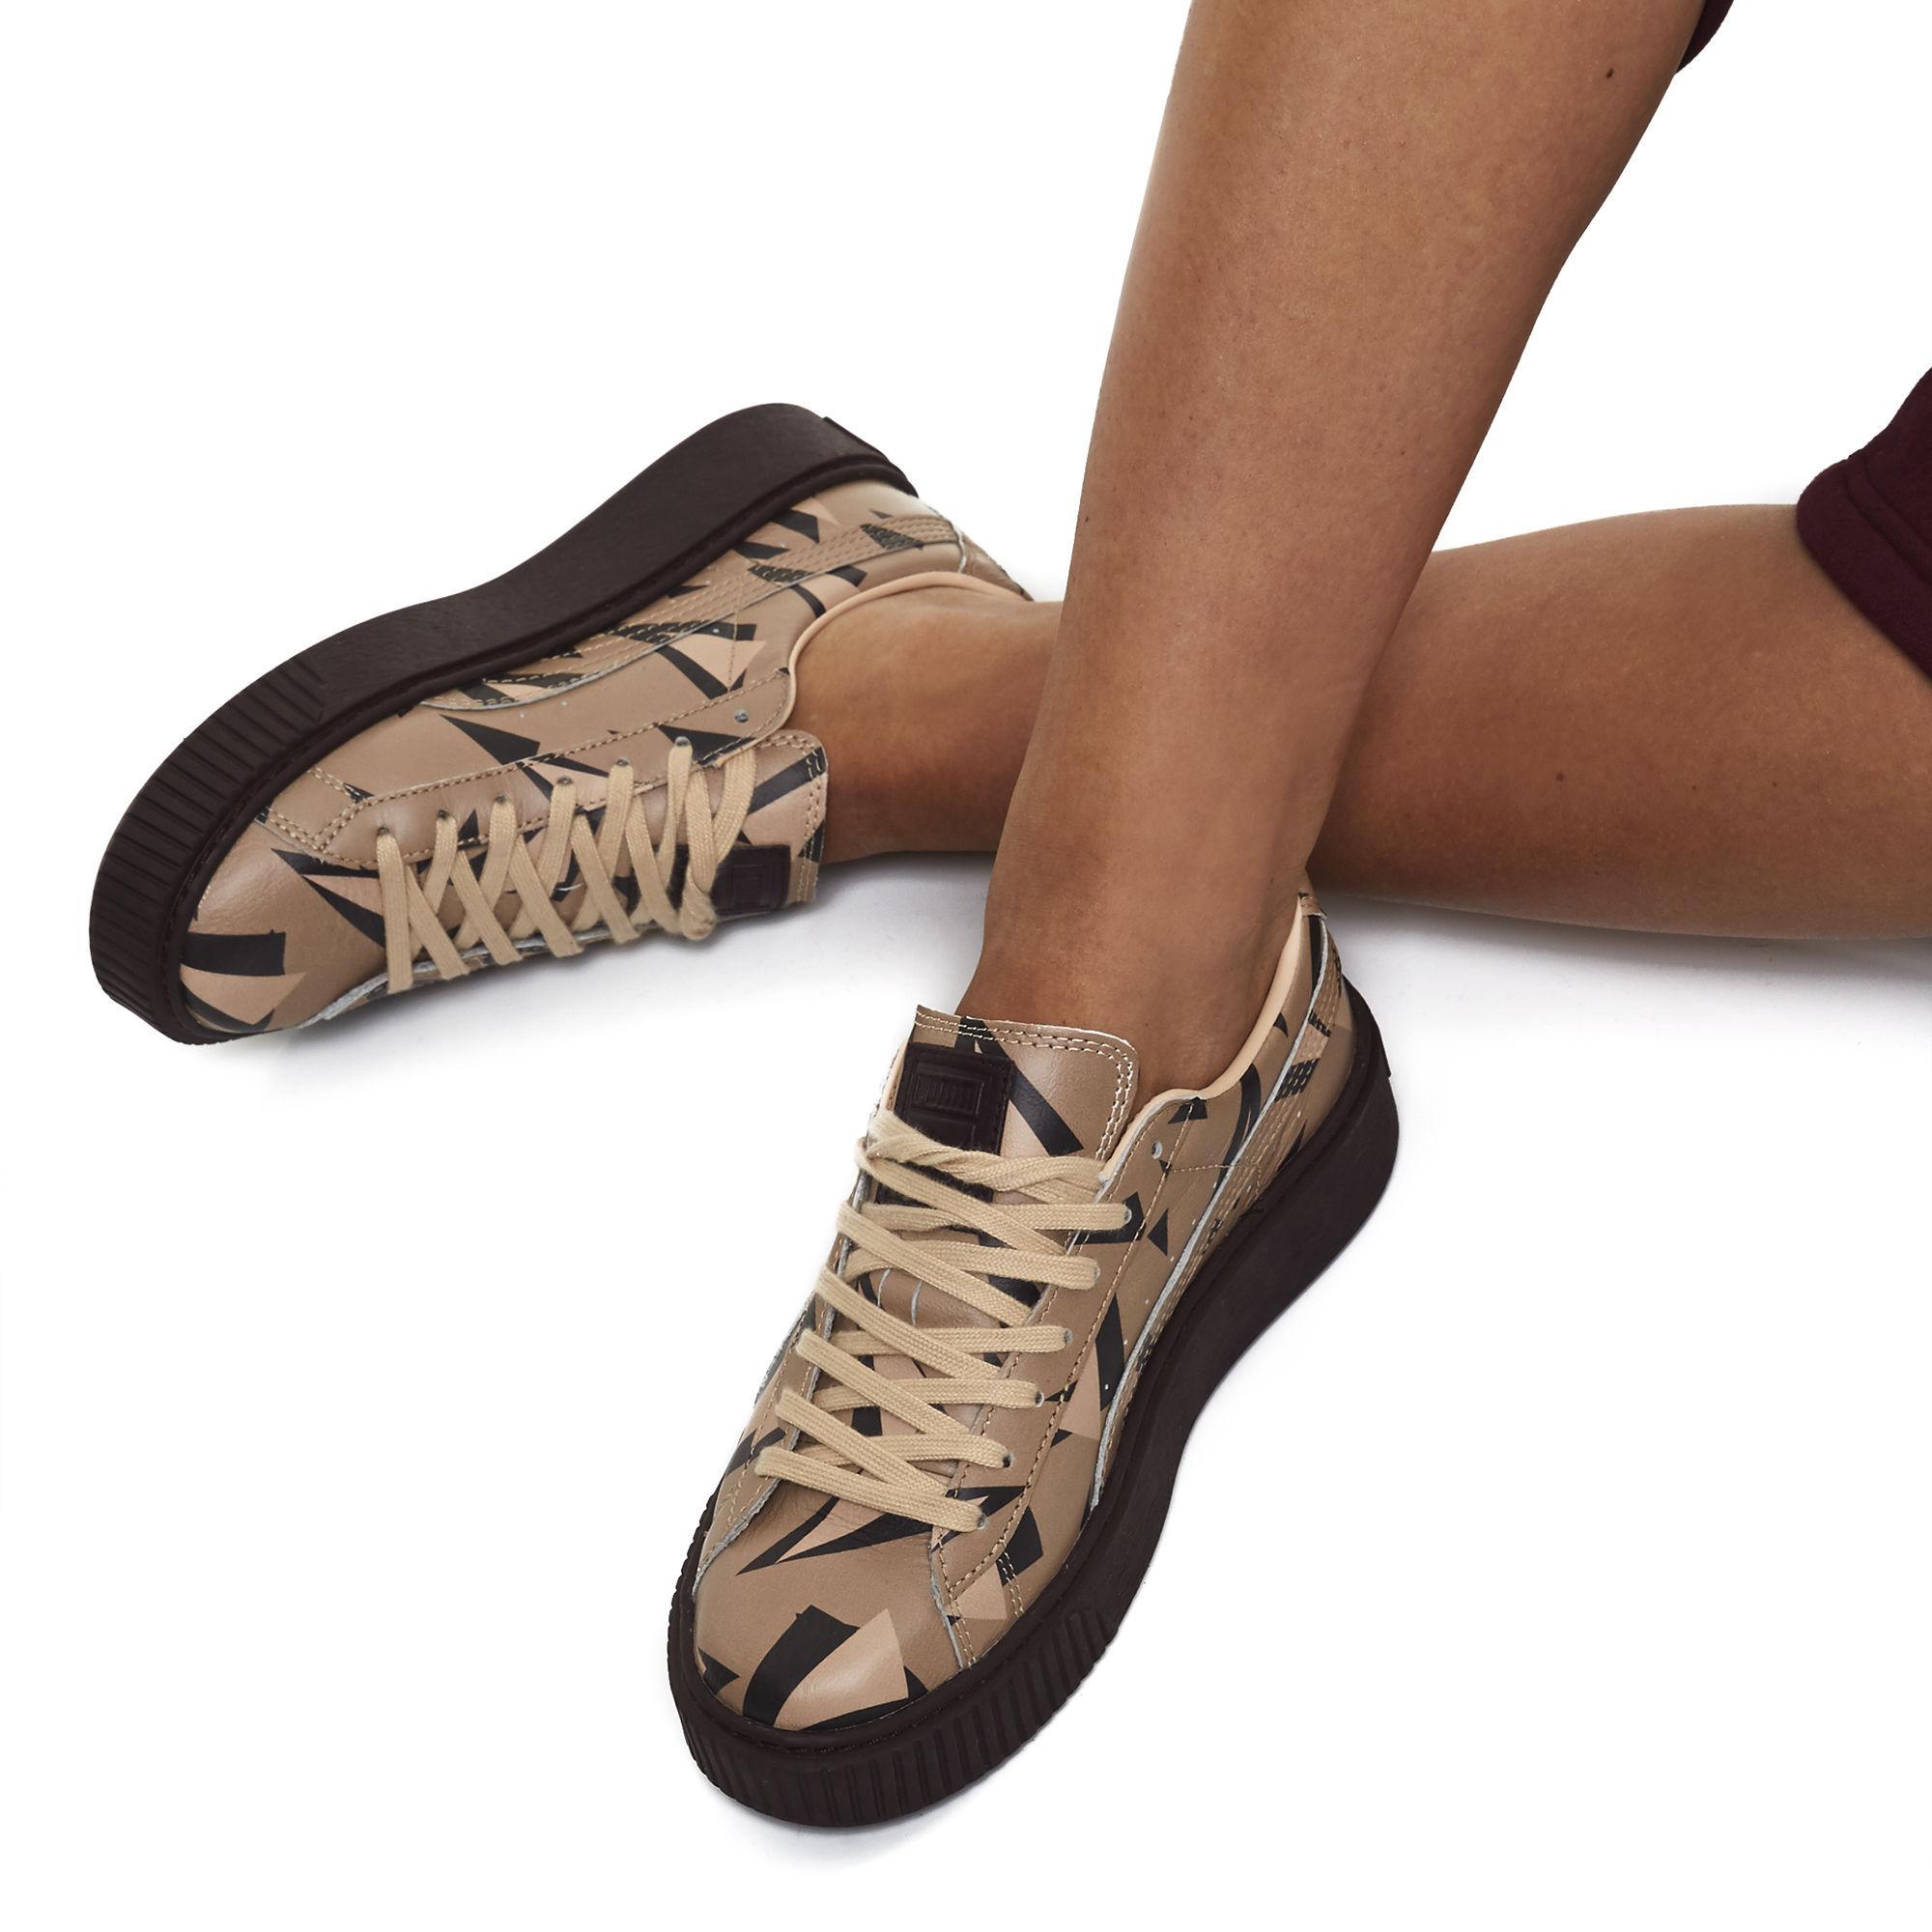 PUMA x NATUREL женские кроссовки Cheetah с плато